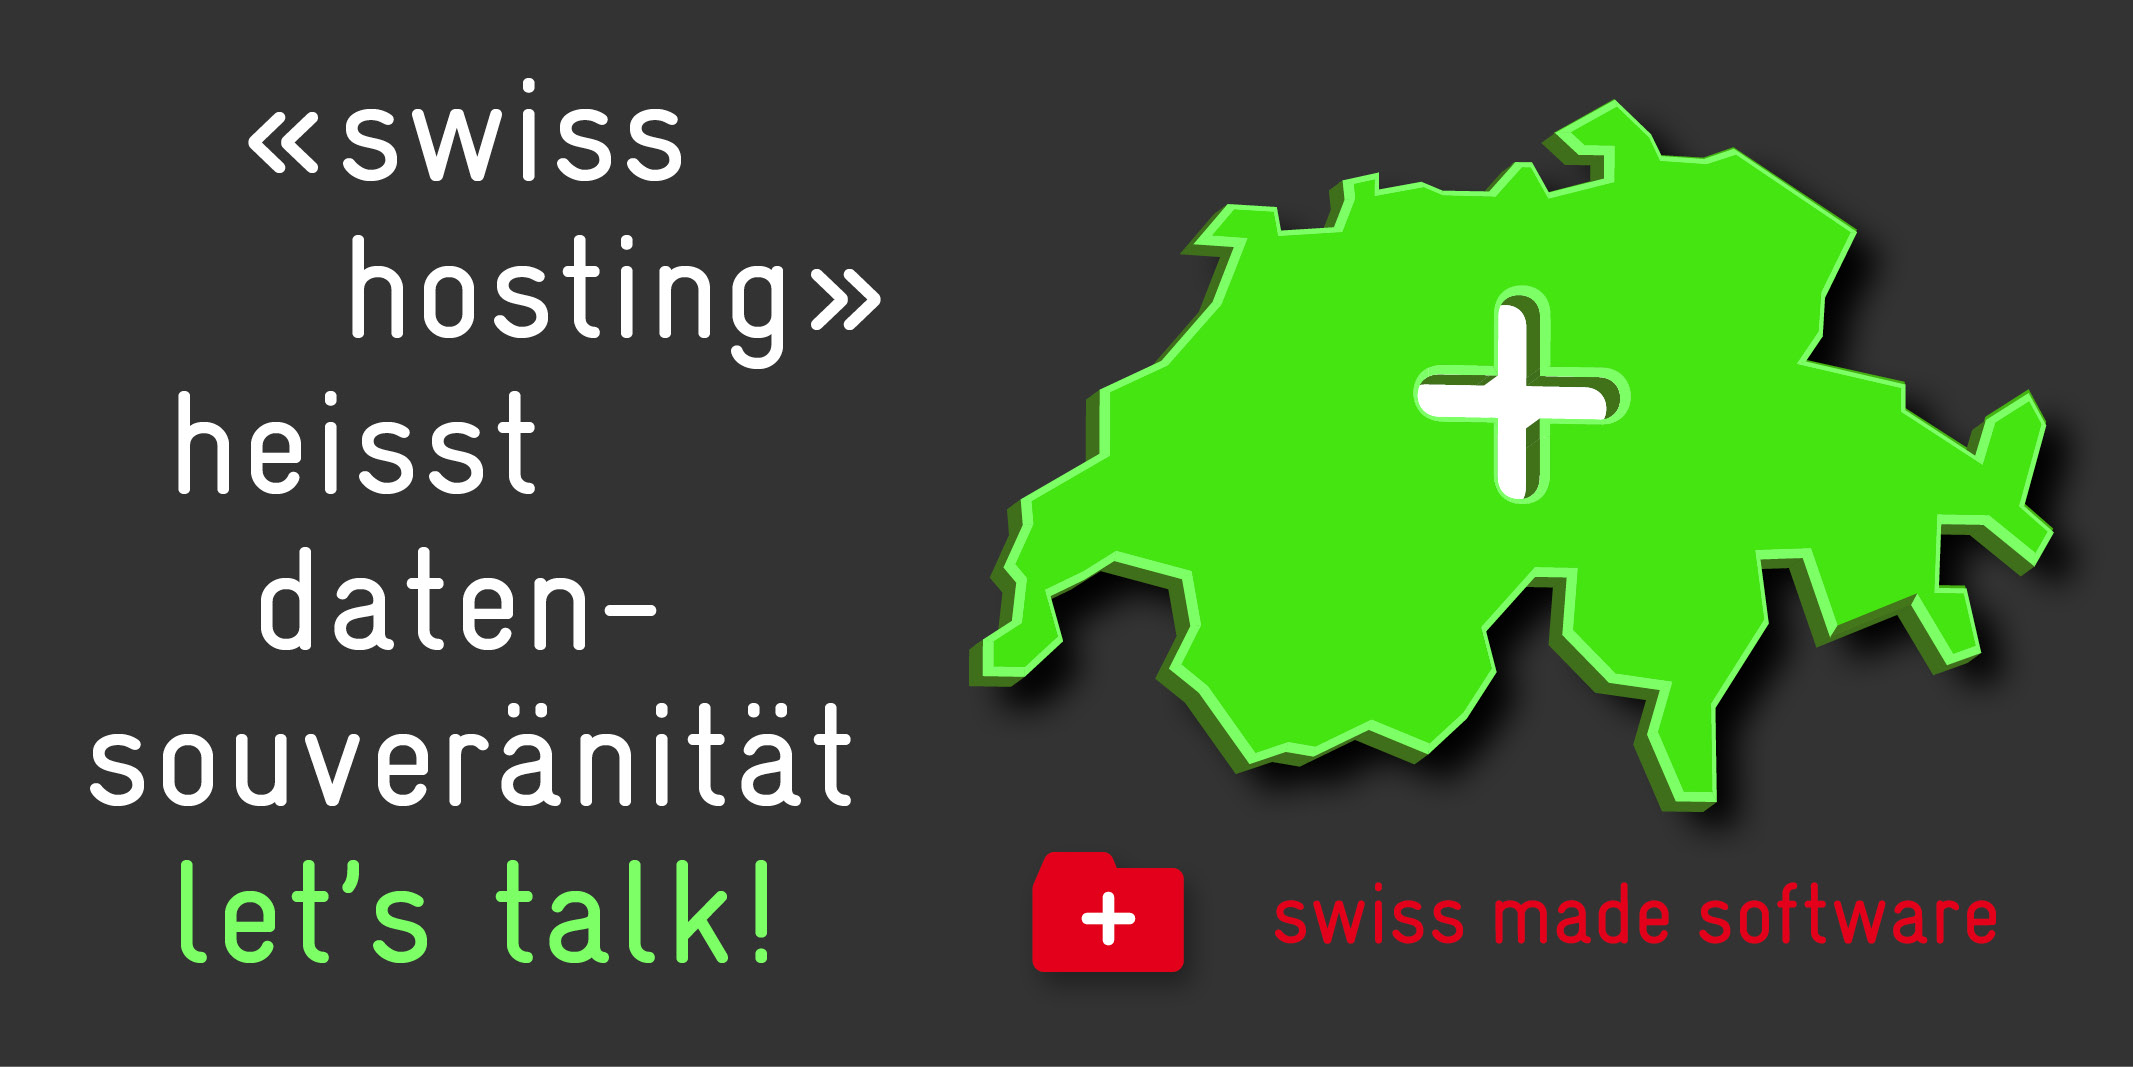 Bild: swiss made software; Swiss Hosting heisst Datensouveränität